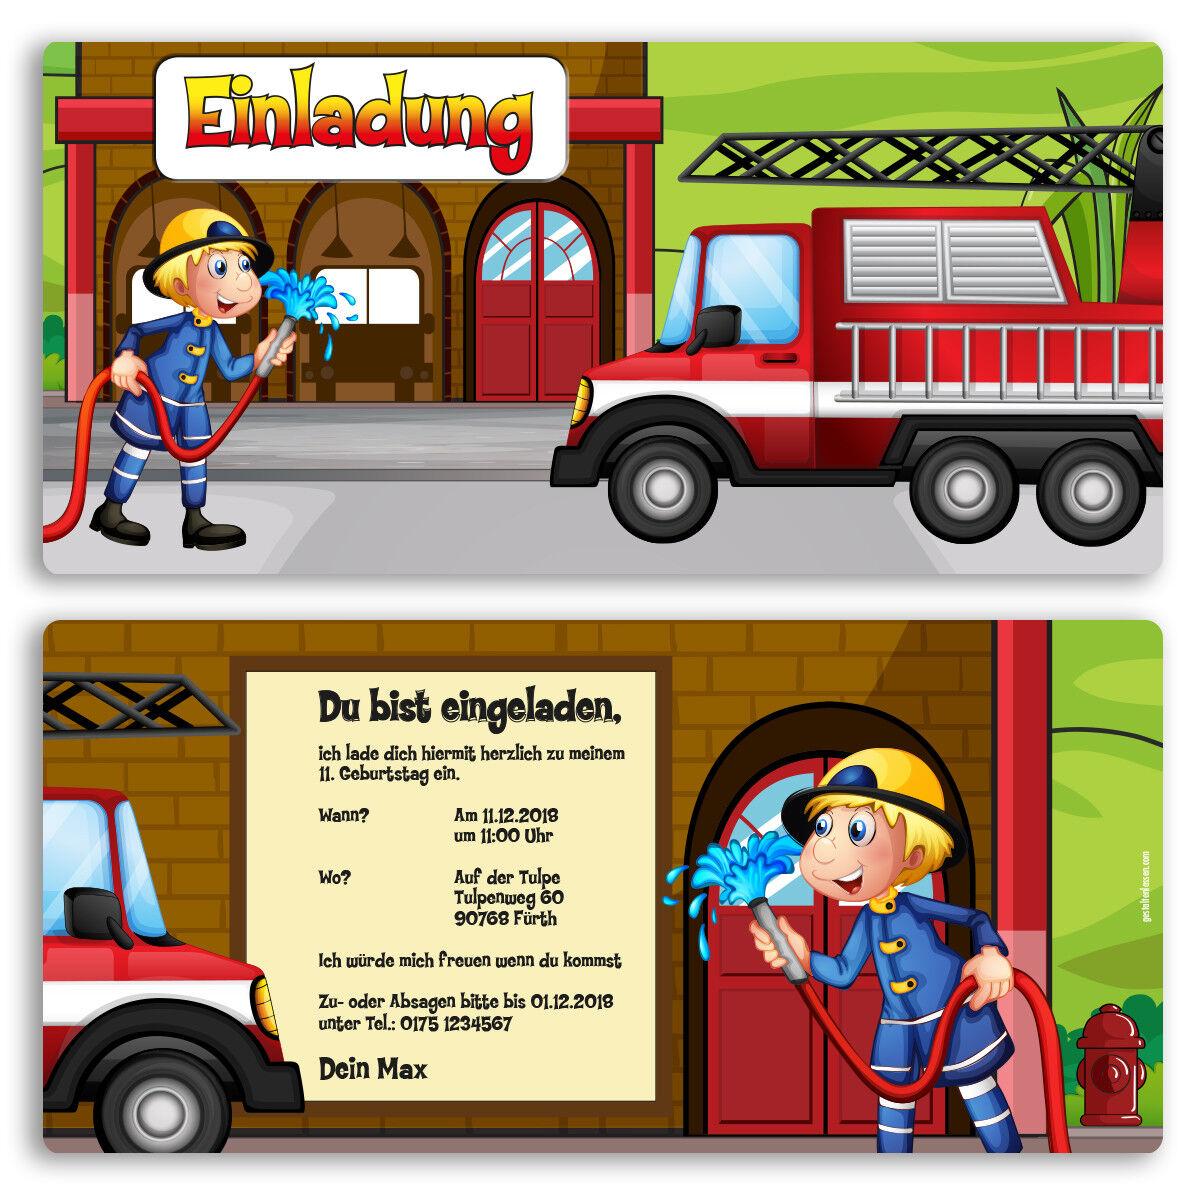 Einladung zum Geburtstag Feuerwehr Karte Einladungskarten Kindergeburtstag   | Exquisite (mittlere) Verarbeitung  | Produktqualität